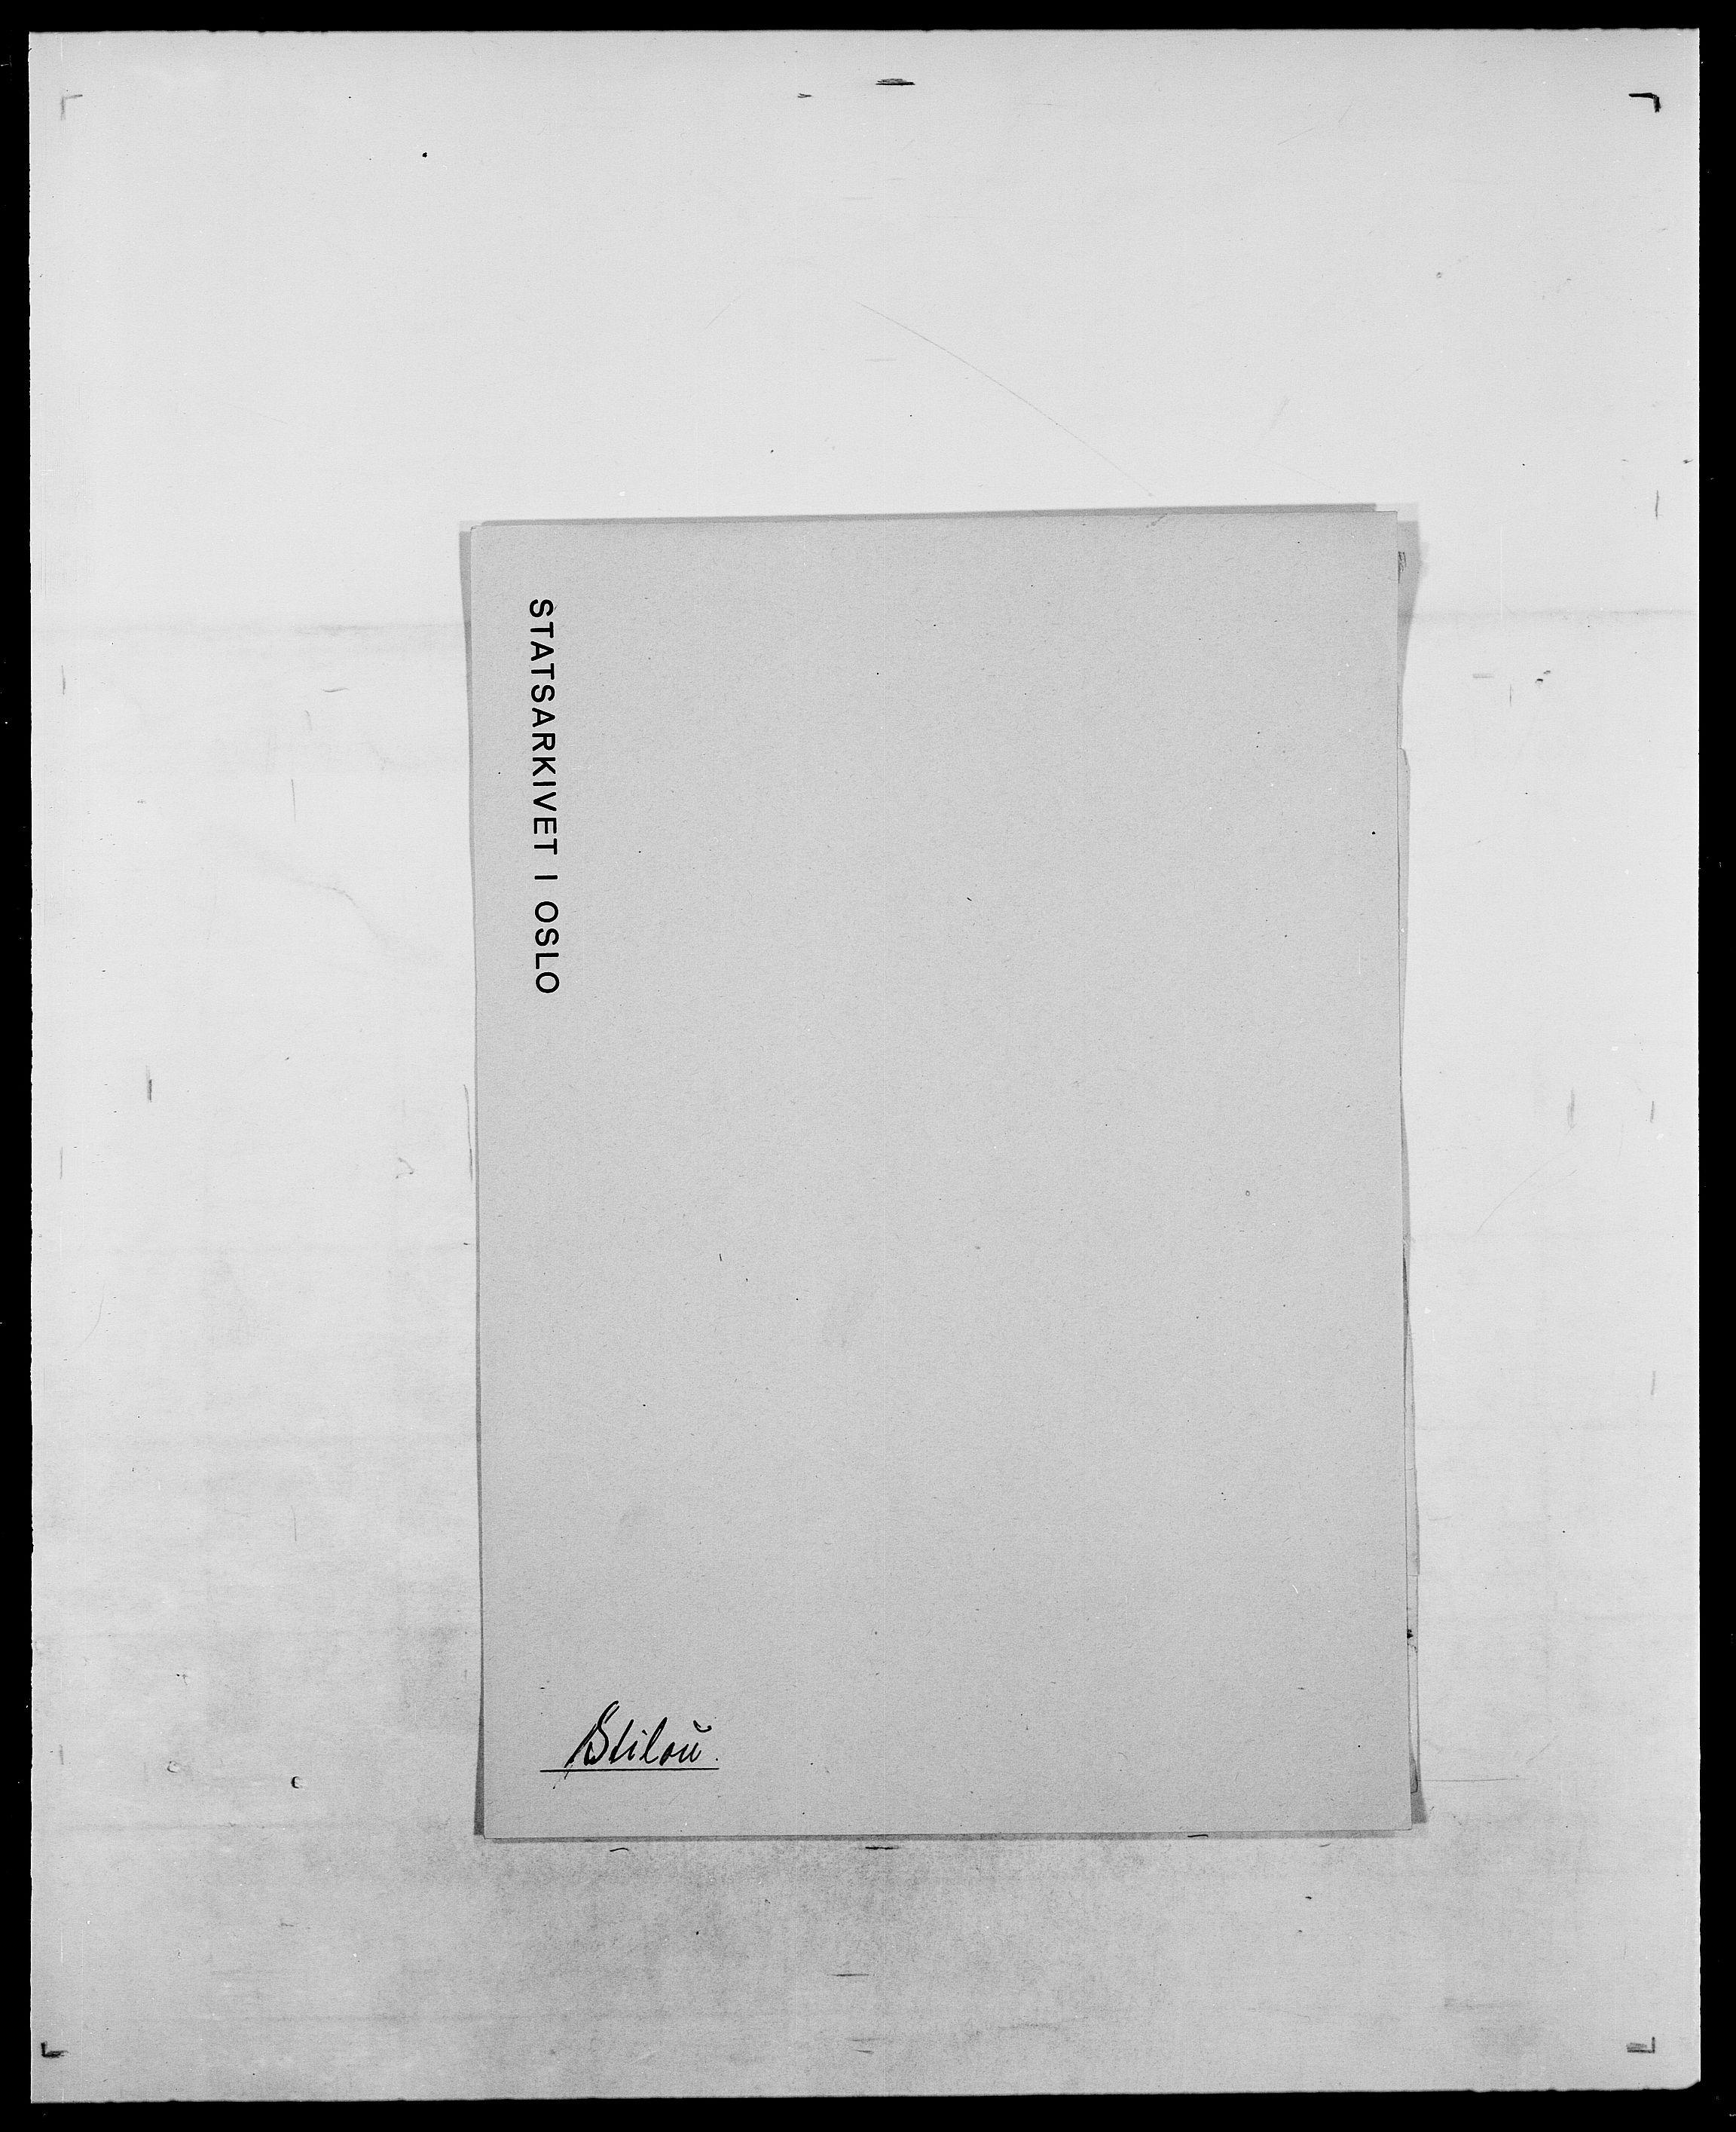 SAO, Delgobe, Charles Antoine - samling, D/Da/L0037: Steen, Sthen, Stein - Svare, Svanige, Svanne, se også Svanning og Schwane, s. 392